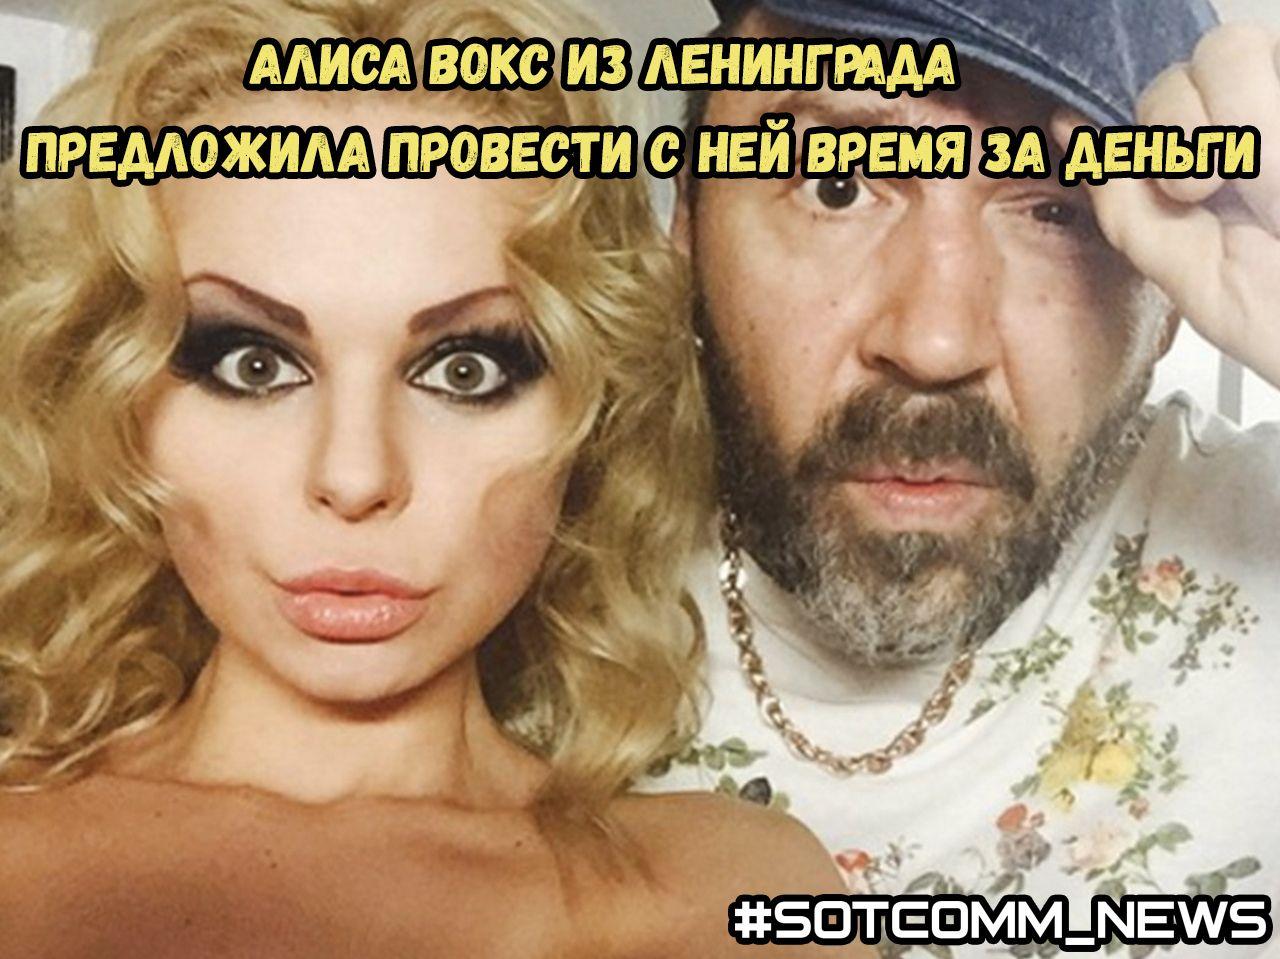 Алиса Вокс из Ленинграда предложила провести с ней время за деньги